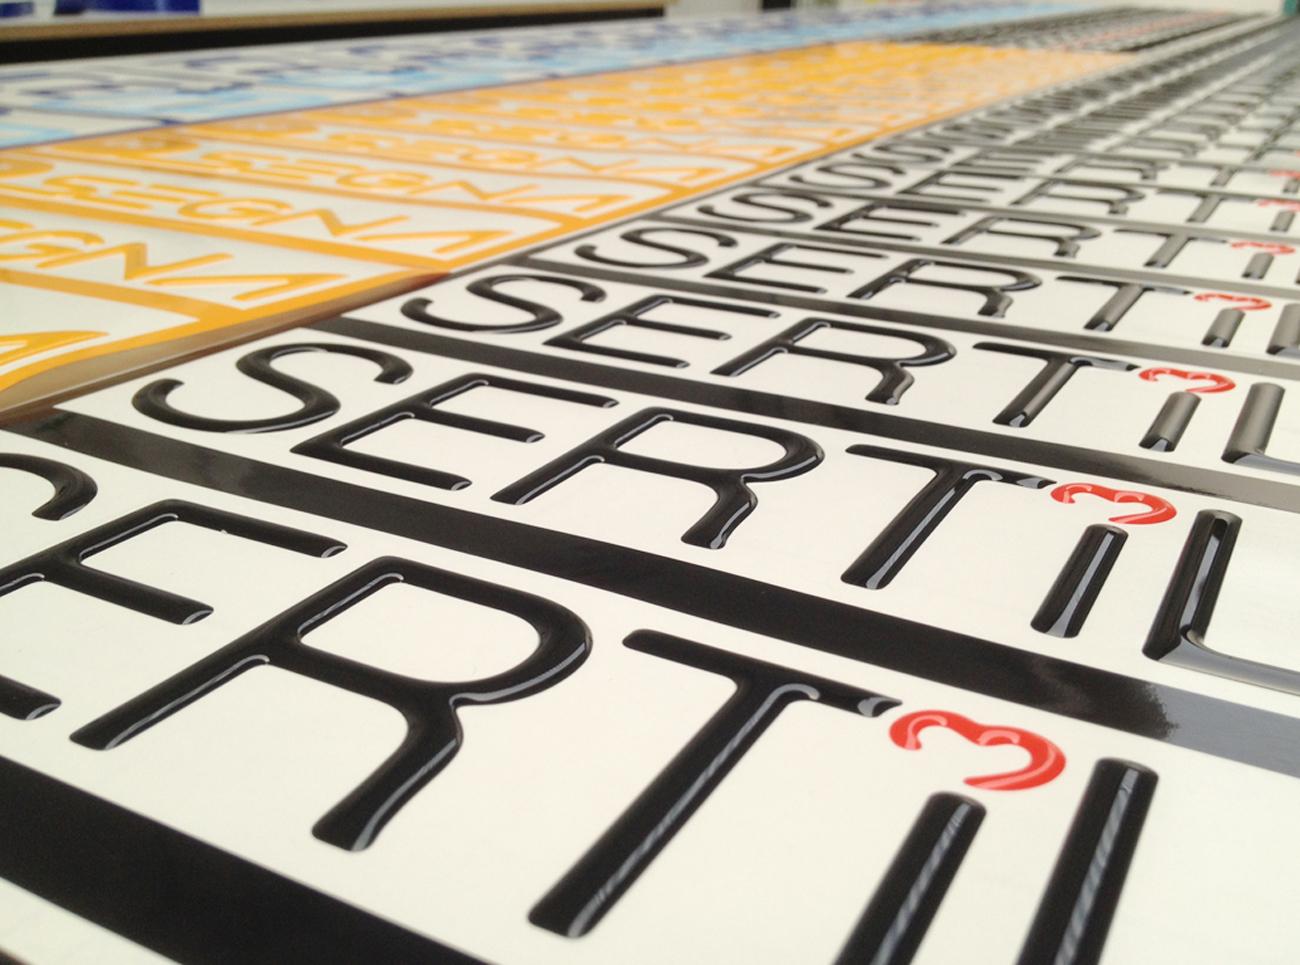 Etichette adesive resinate 3d in rilievo art stick for Adesivi computer